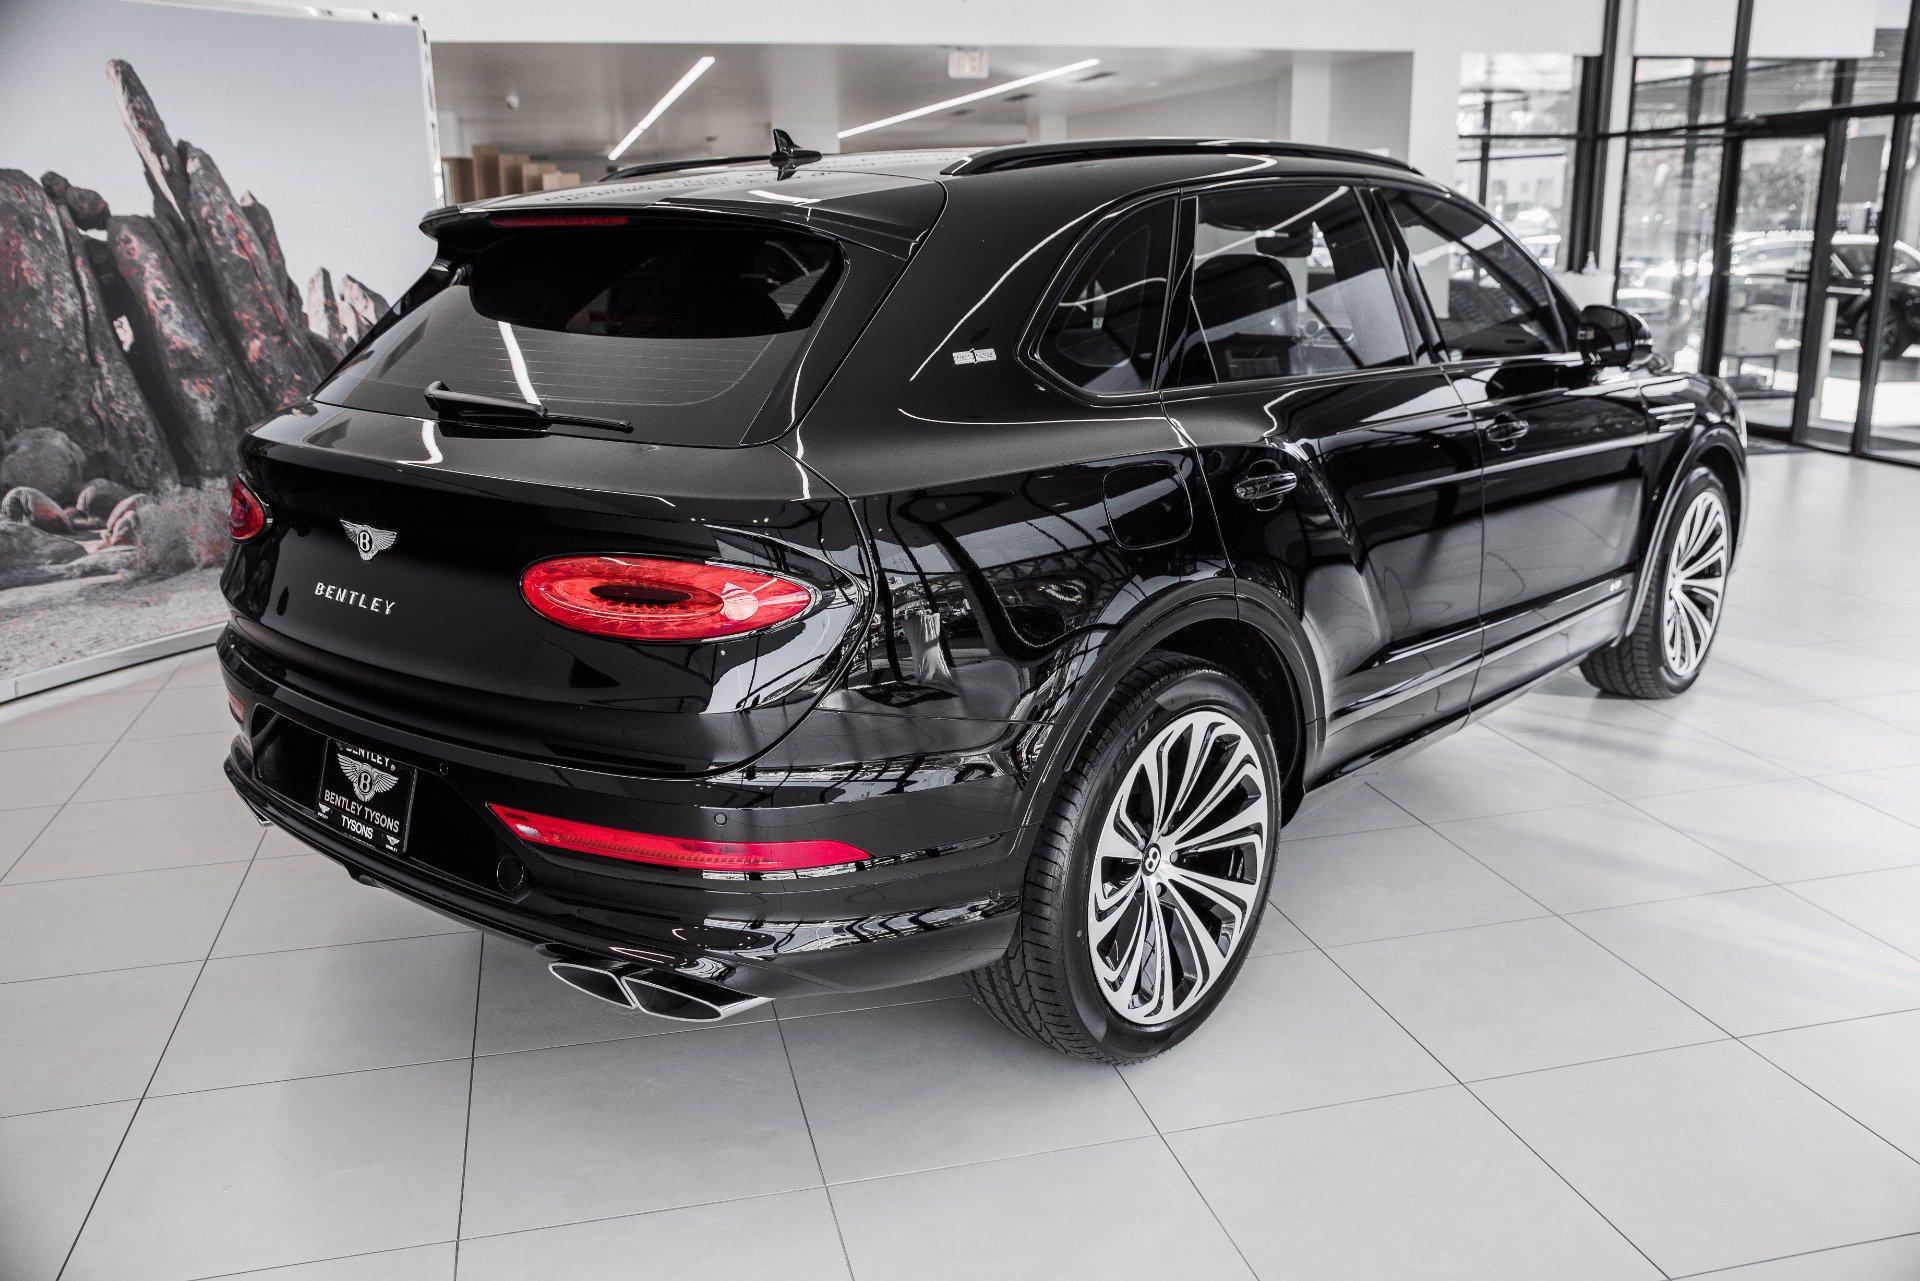 New-2021-Bentley-Bentayga-V8